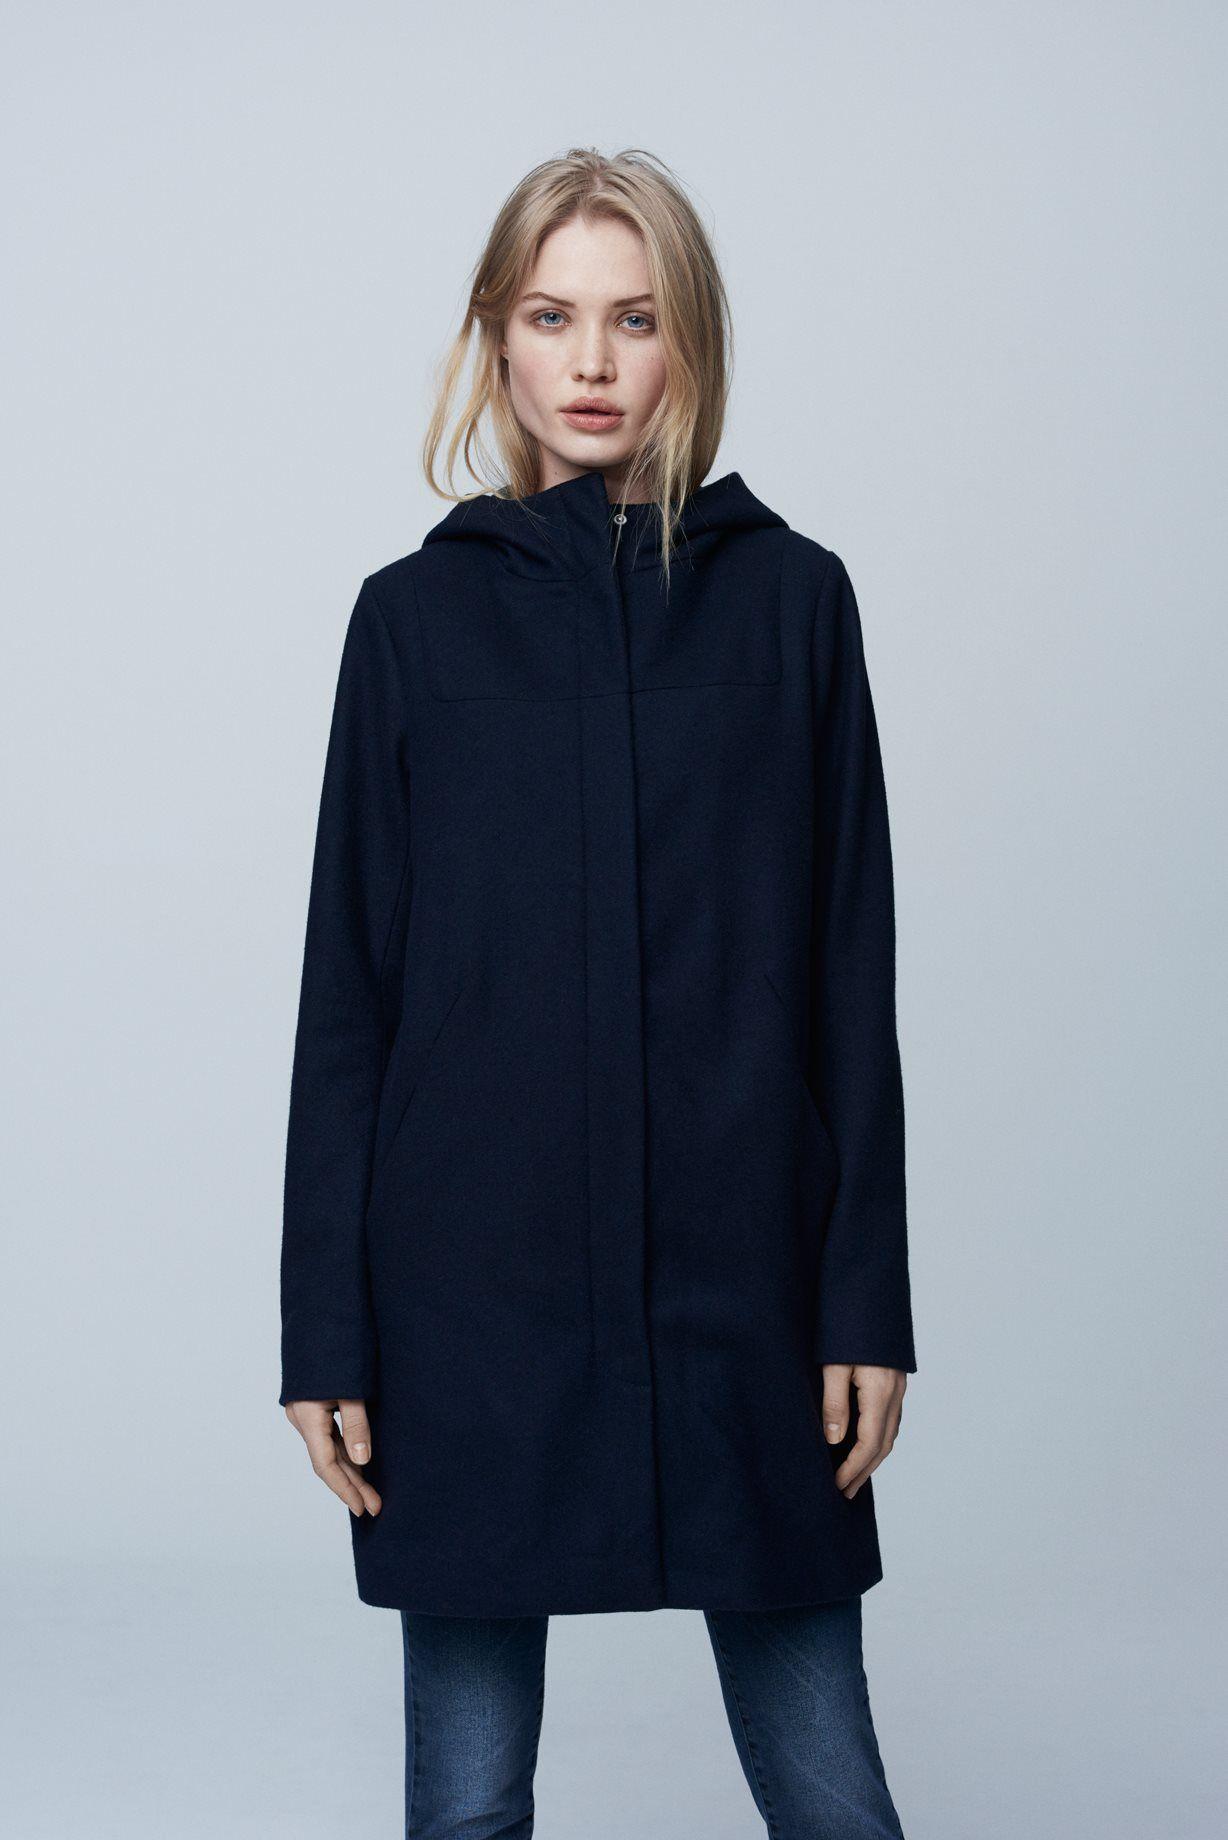 bd892022 Lækker frakke i en dyb, mørkeblå farve. Frakken har et oversize fit og en  hætte…